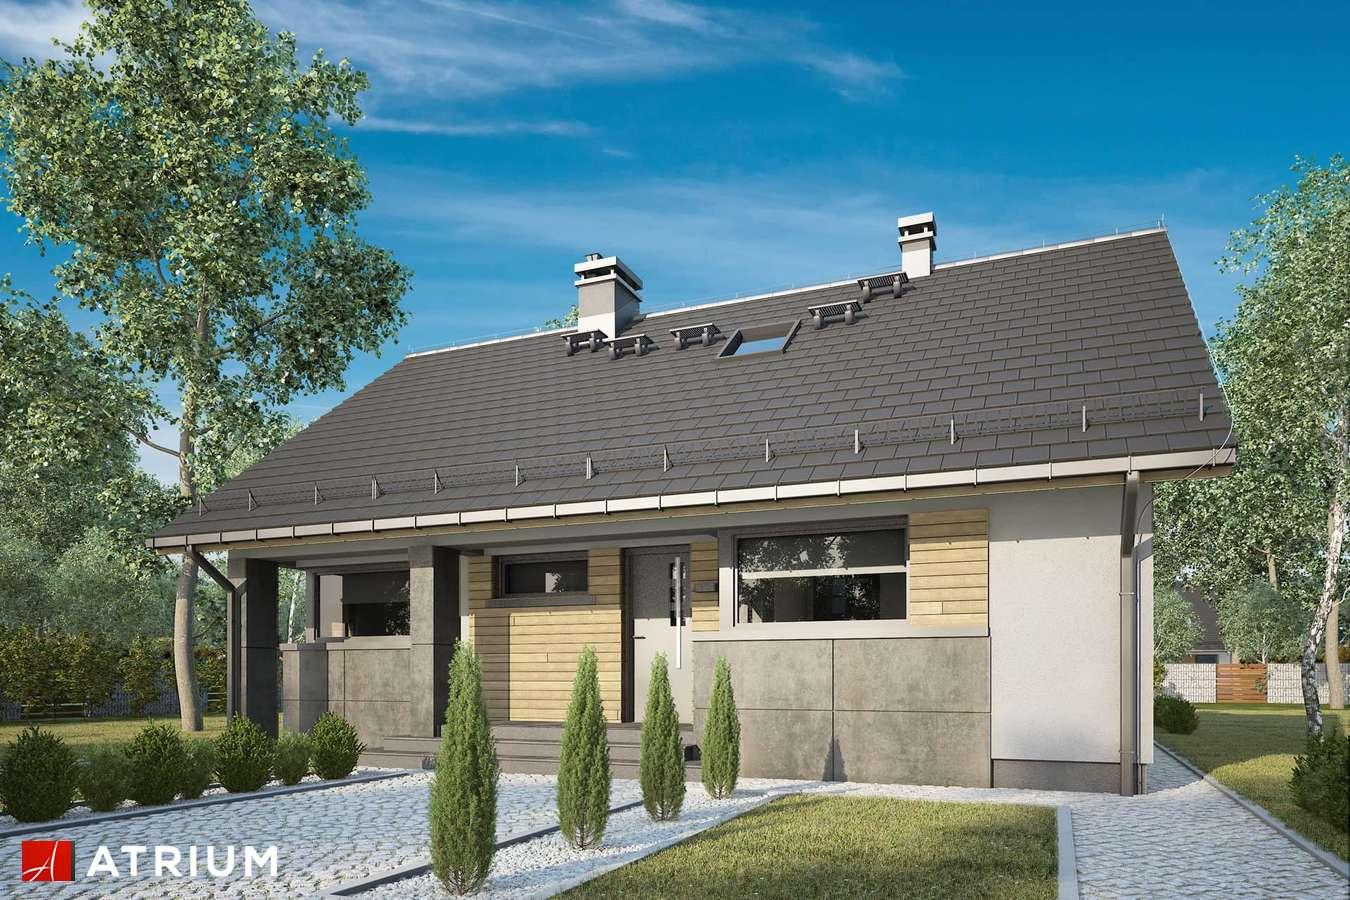 Projekty domów - Projekt domu z poddaszem RICARDO LIFT IV - wizualizacja 1 - wersja lustrzana